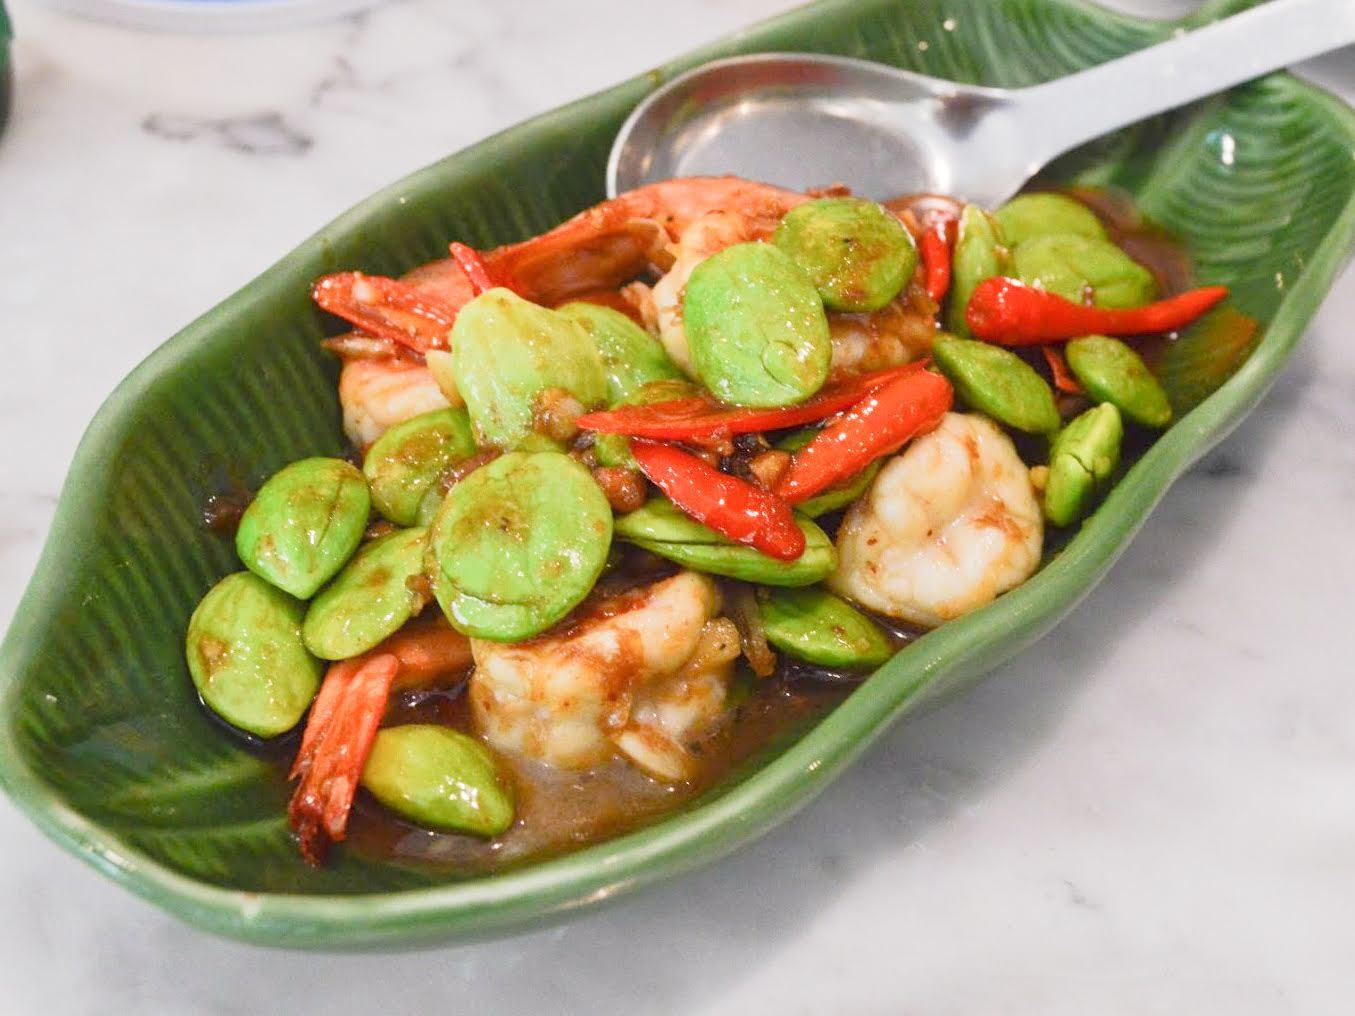 バンコクでタイのご当地グルメを食べよう!人気の地方タイ料理レストランをご紹介